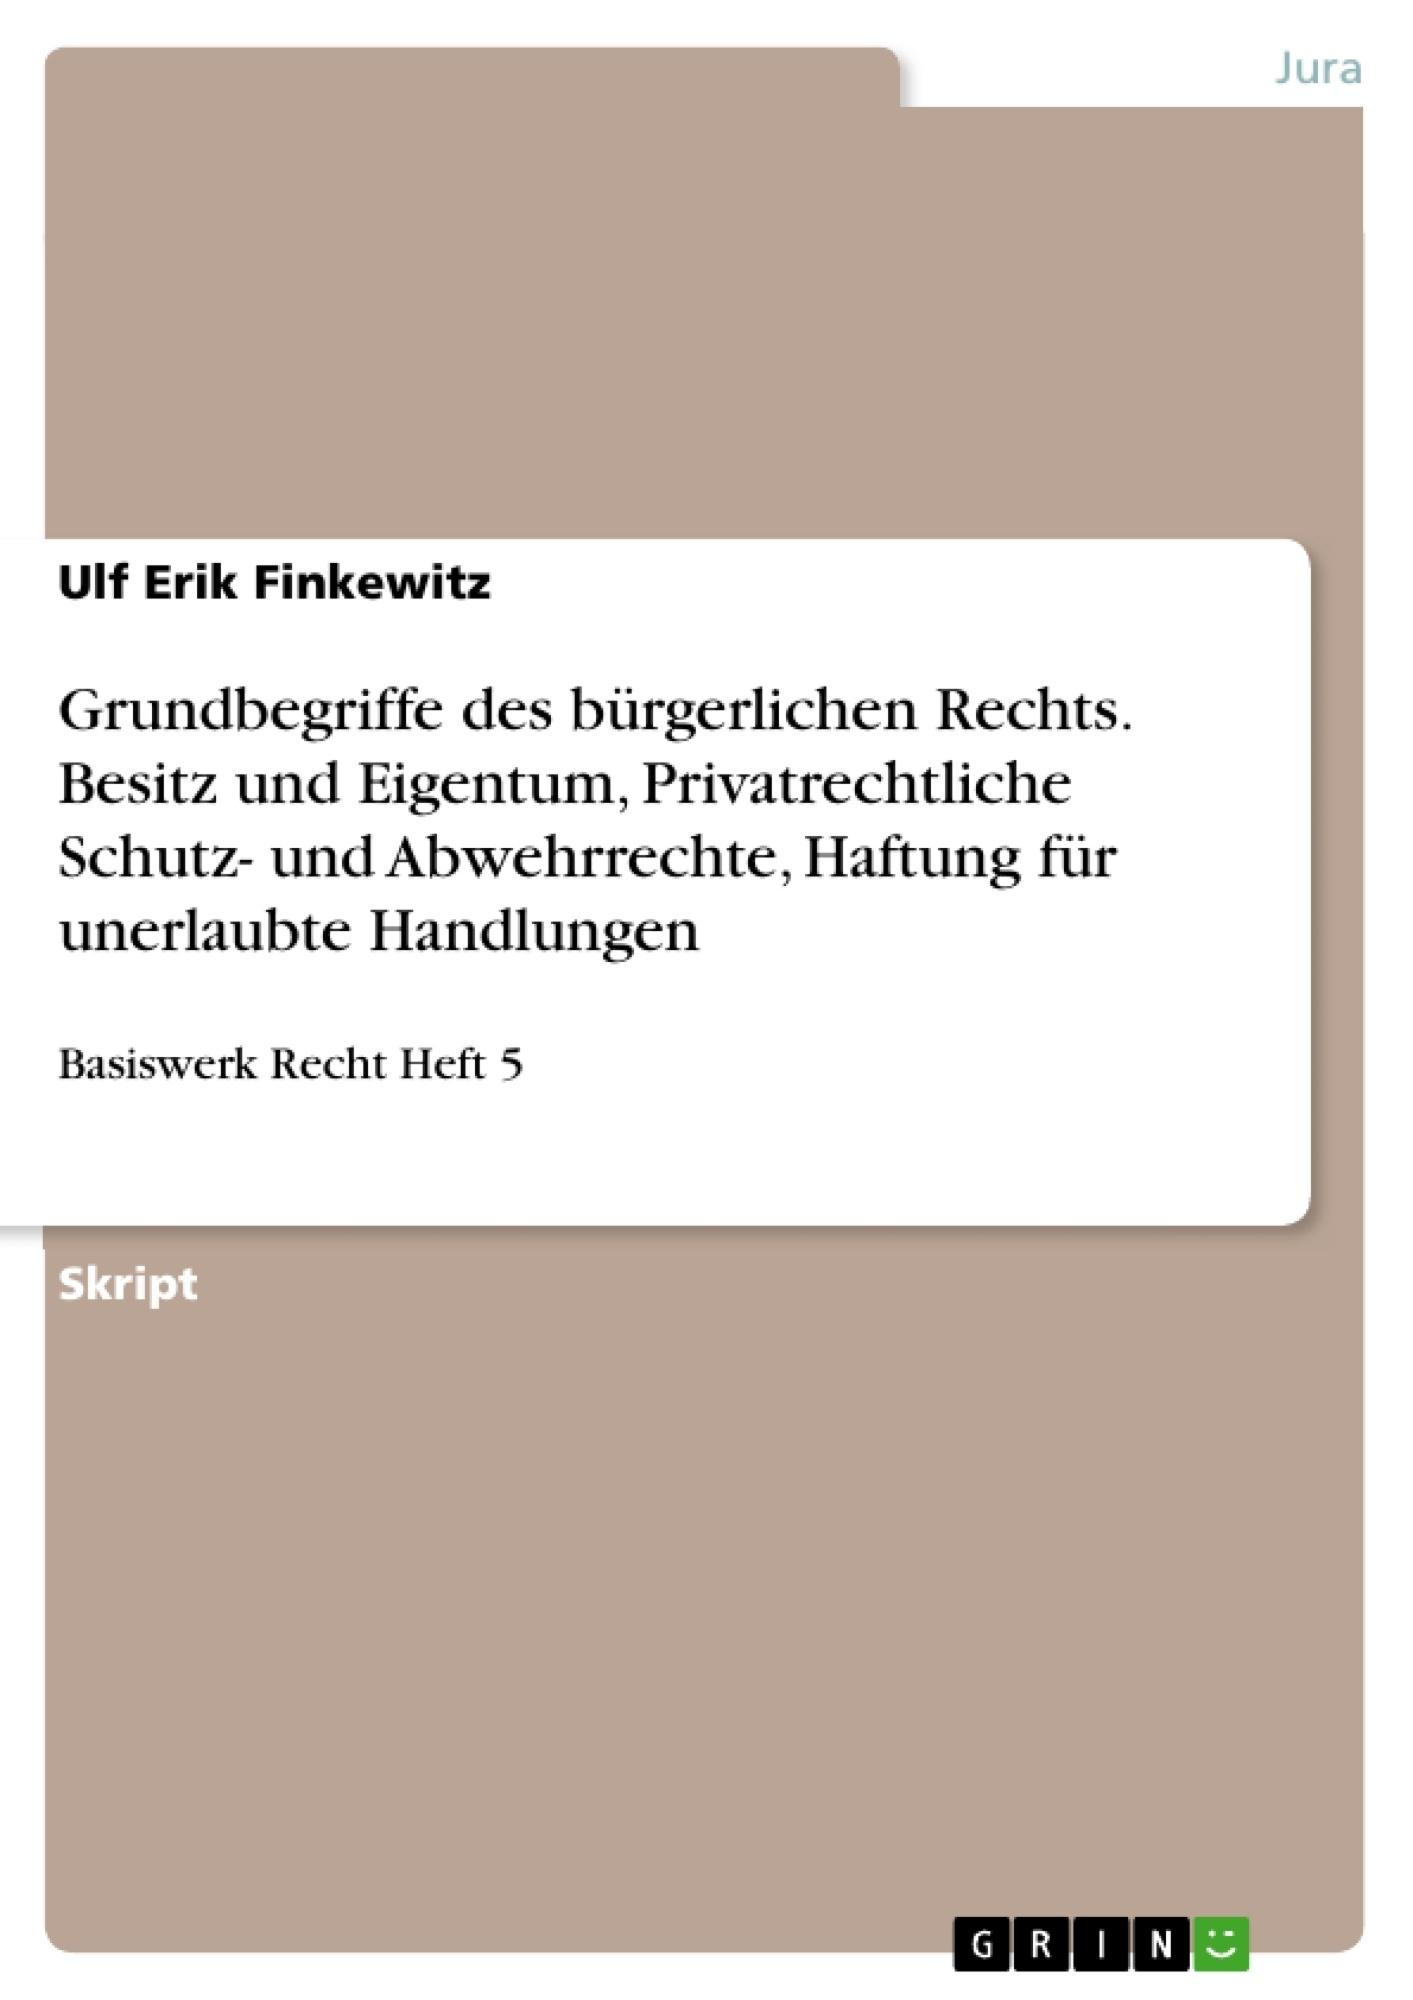 Titel: Grundbegriffe des bürgerlichen Rechts. Besitz und Eigentum, Privatrechtliche Schutz- und Abwehrrechte, Haftung für unerlaubte Handlungen